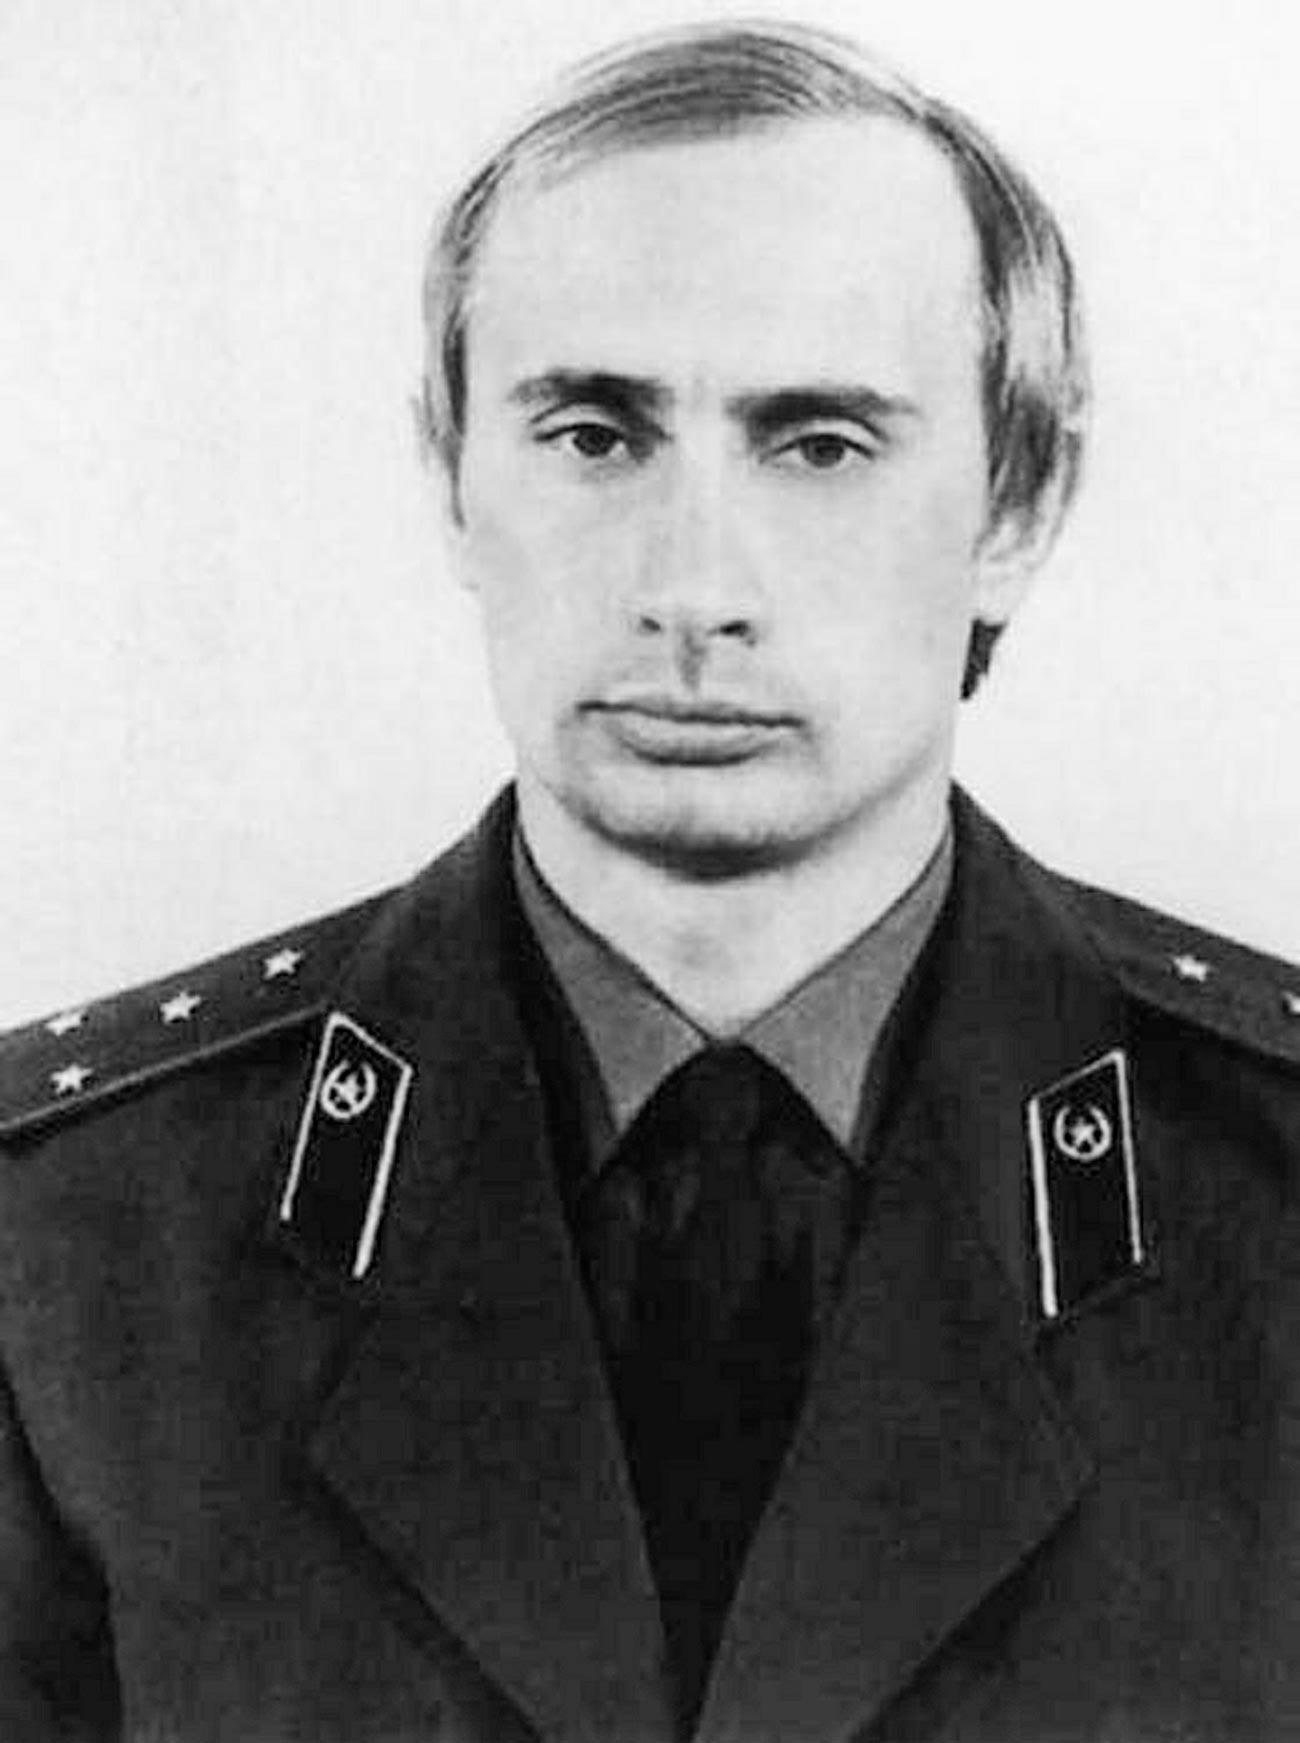 A young Vladimir Putin in a KGB uniform.